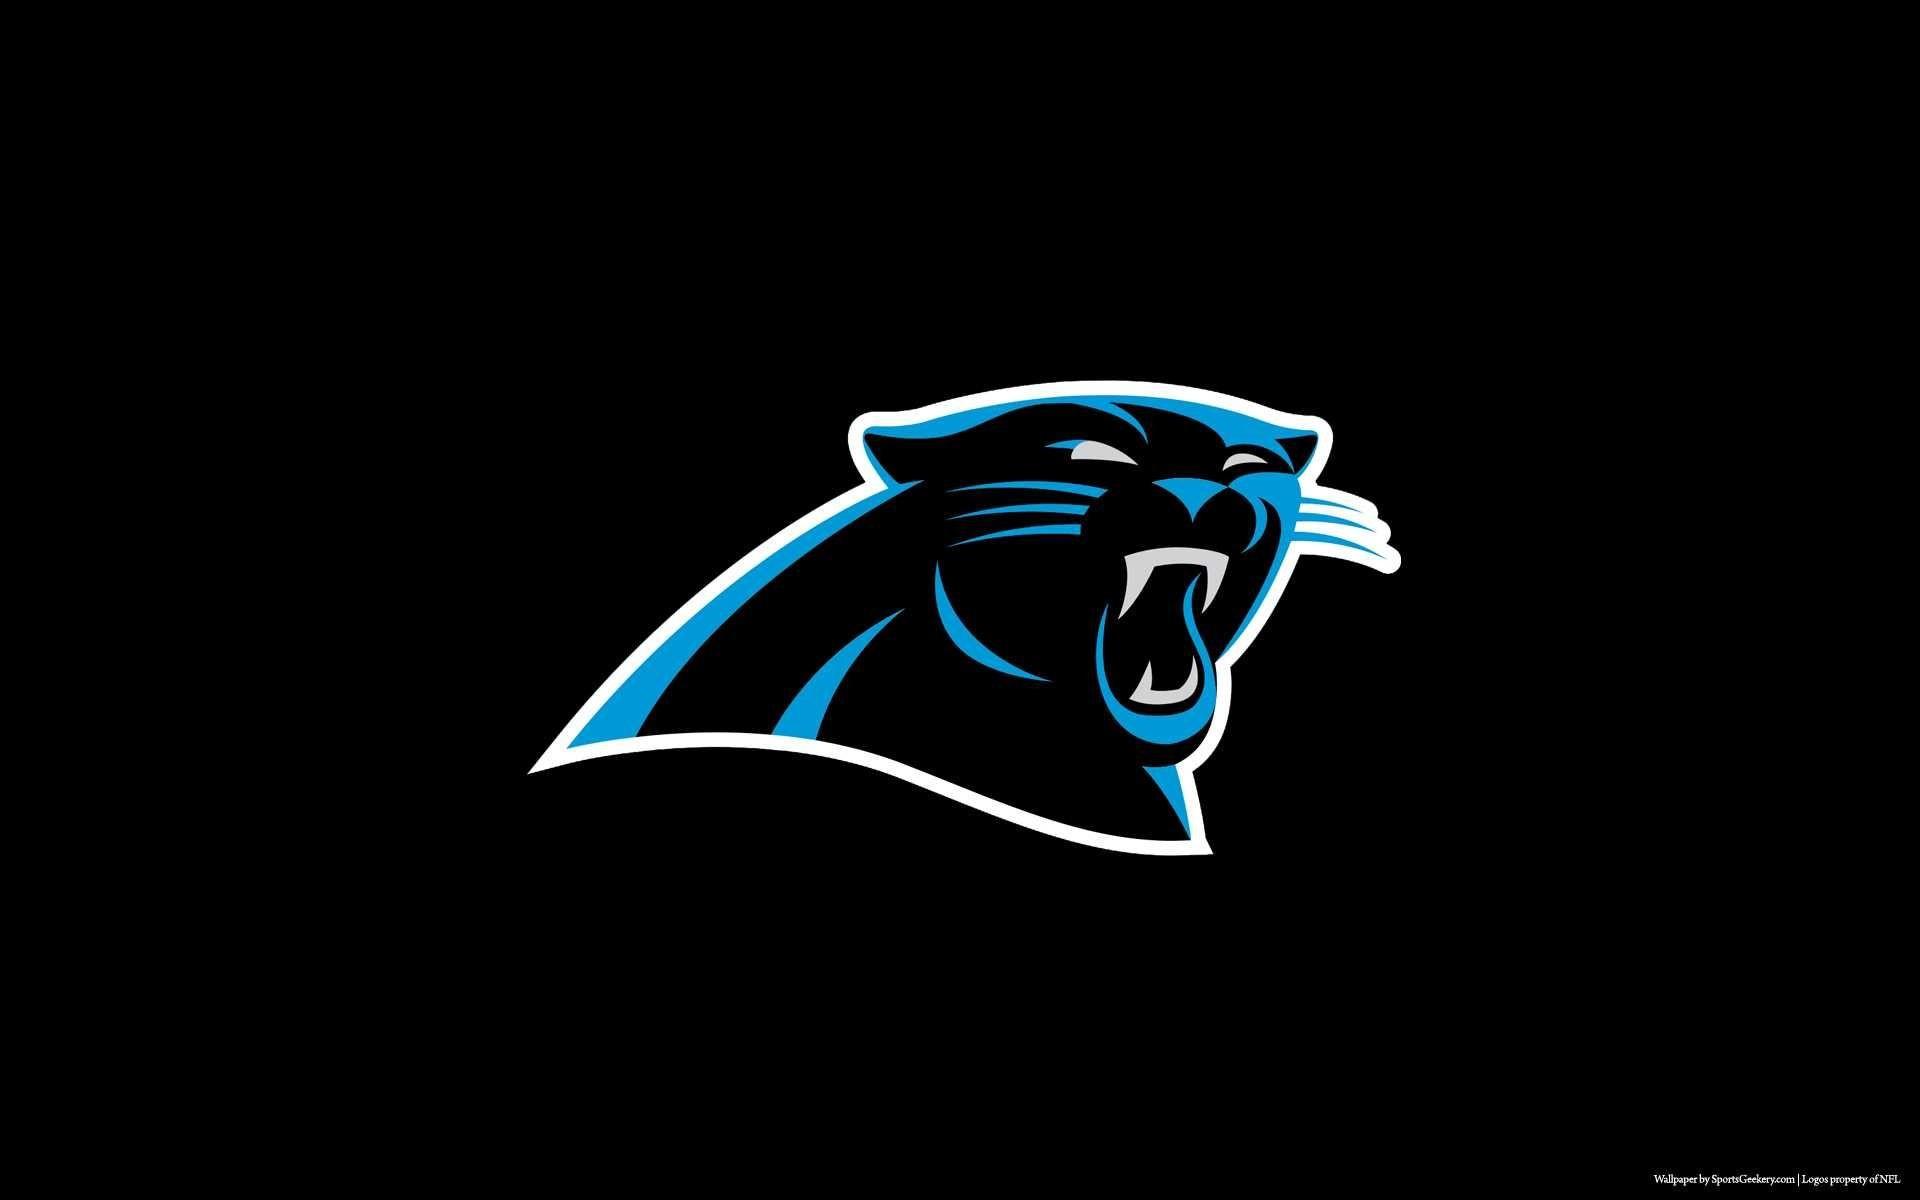 photograph relating to Carolina Panthers Printable Logo titled Carolina Panthers Wallpaper (80+ photographs)